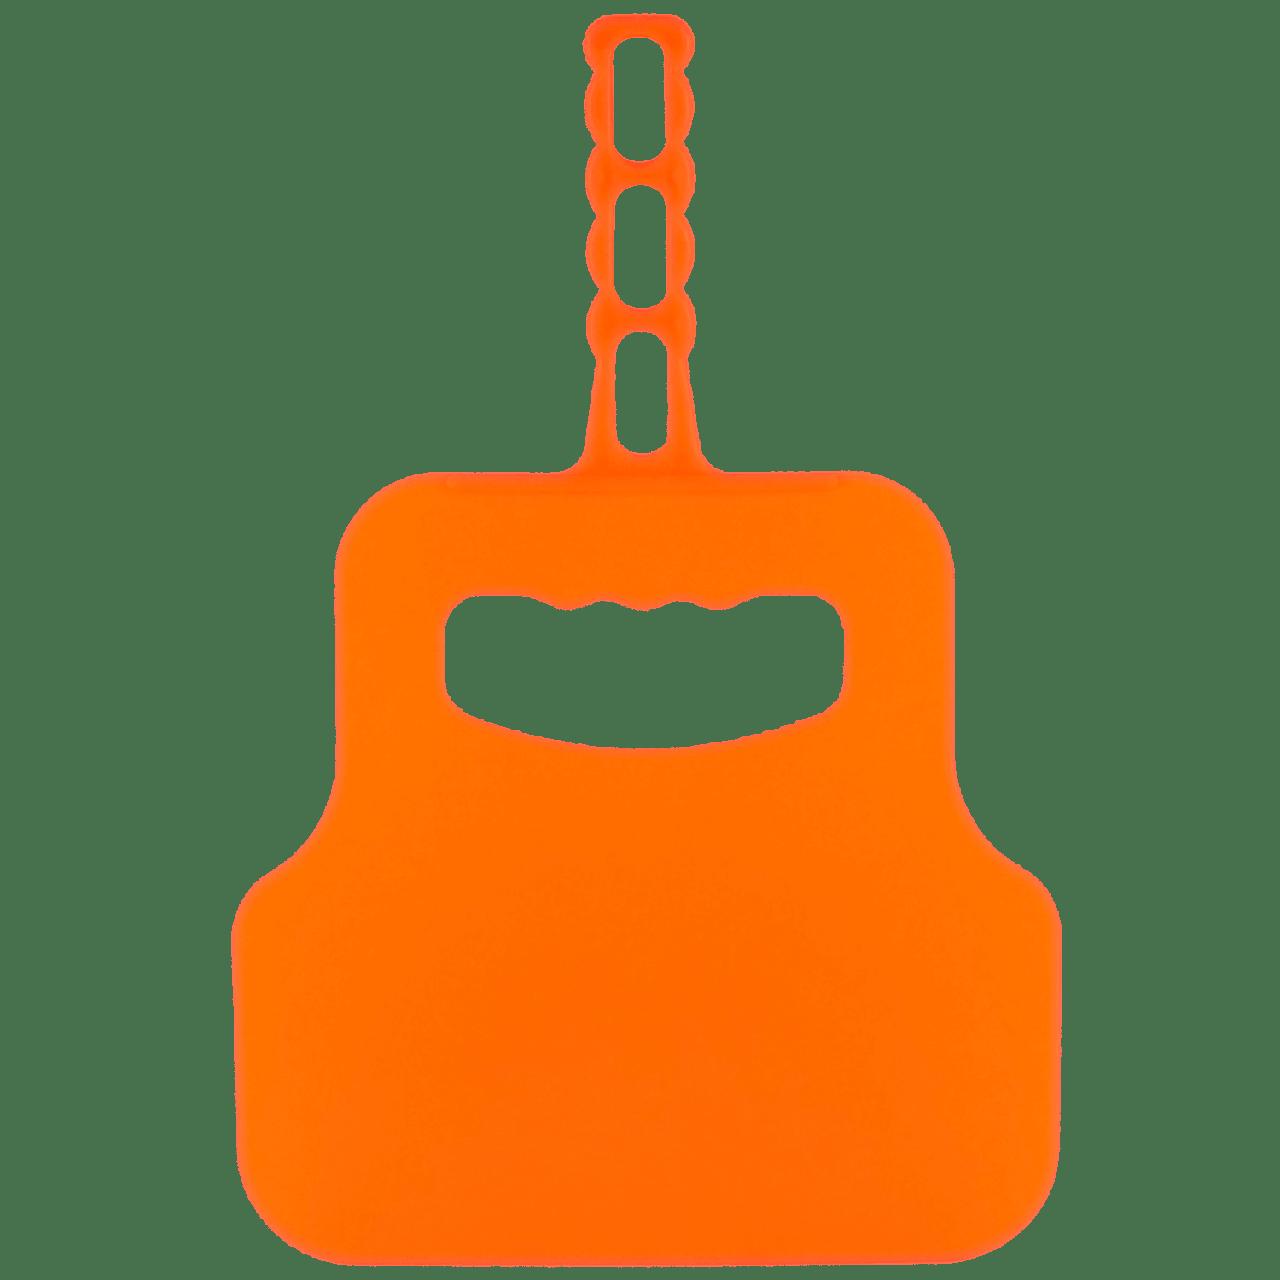 Веер для угля оранжевый